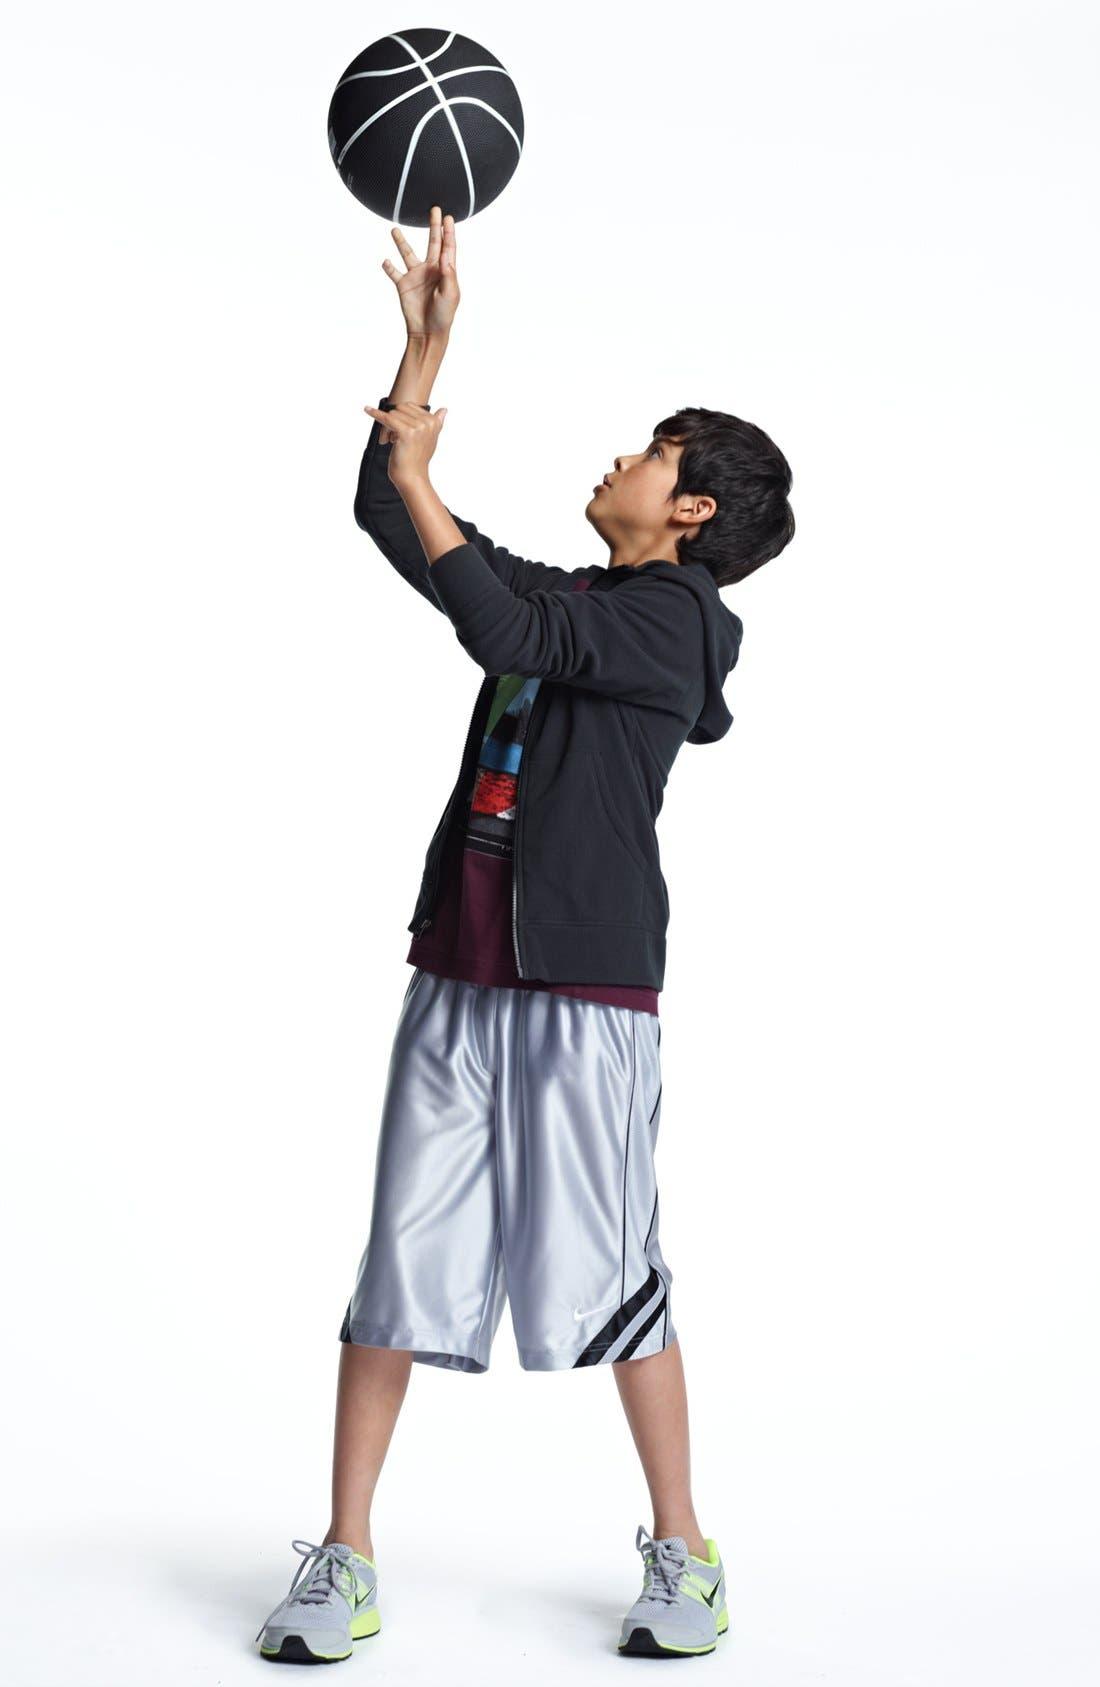 Main Image - Quiksilver T-Shirt & Nike Shorts (Big Boys)